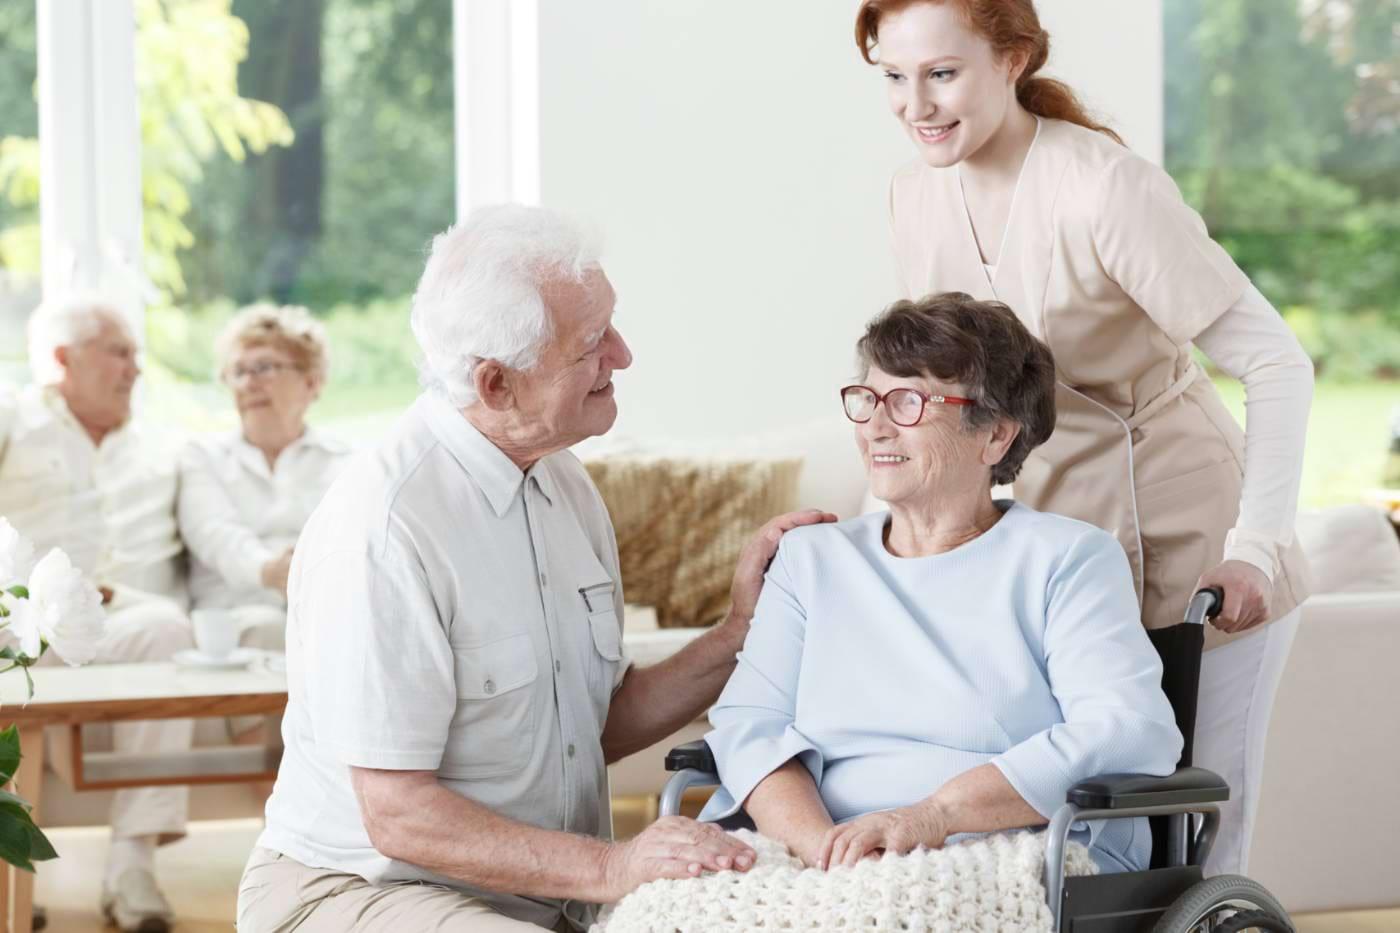 Semne promițătoare în reversia bolii Alzheimer [studiu]